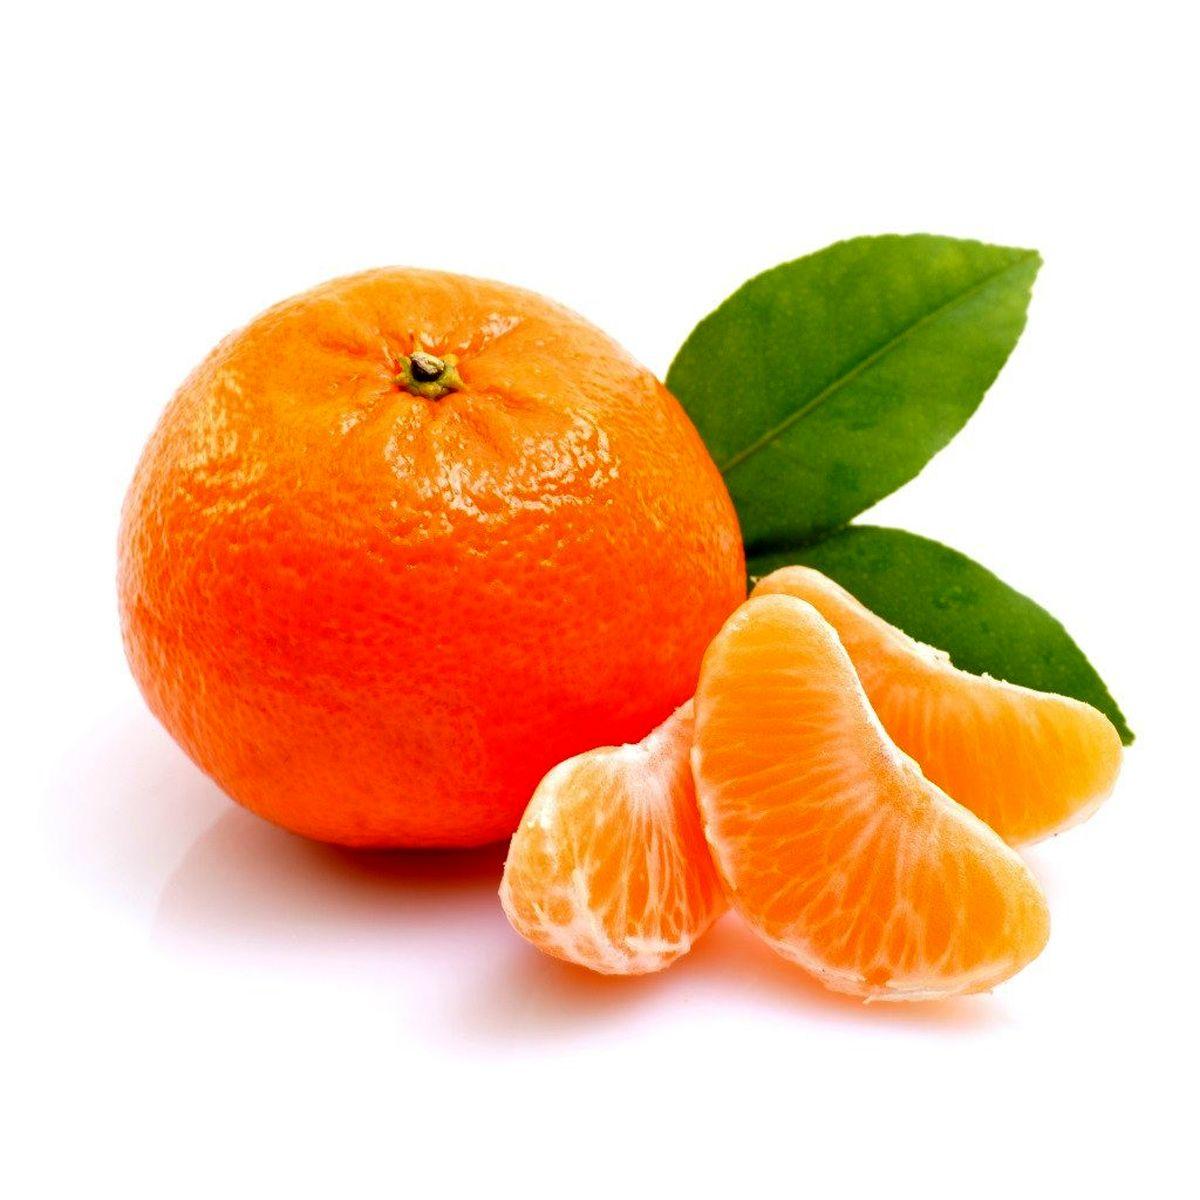 اگر این مشکلات را دارید نارنگی نخورید